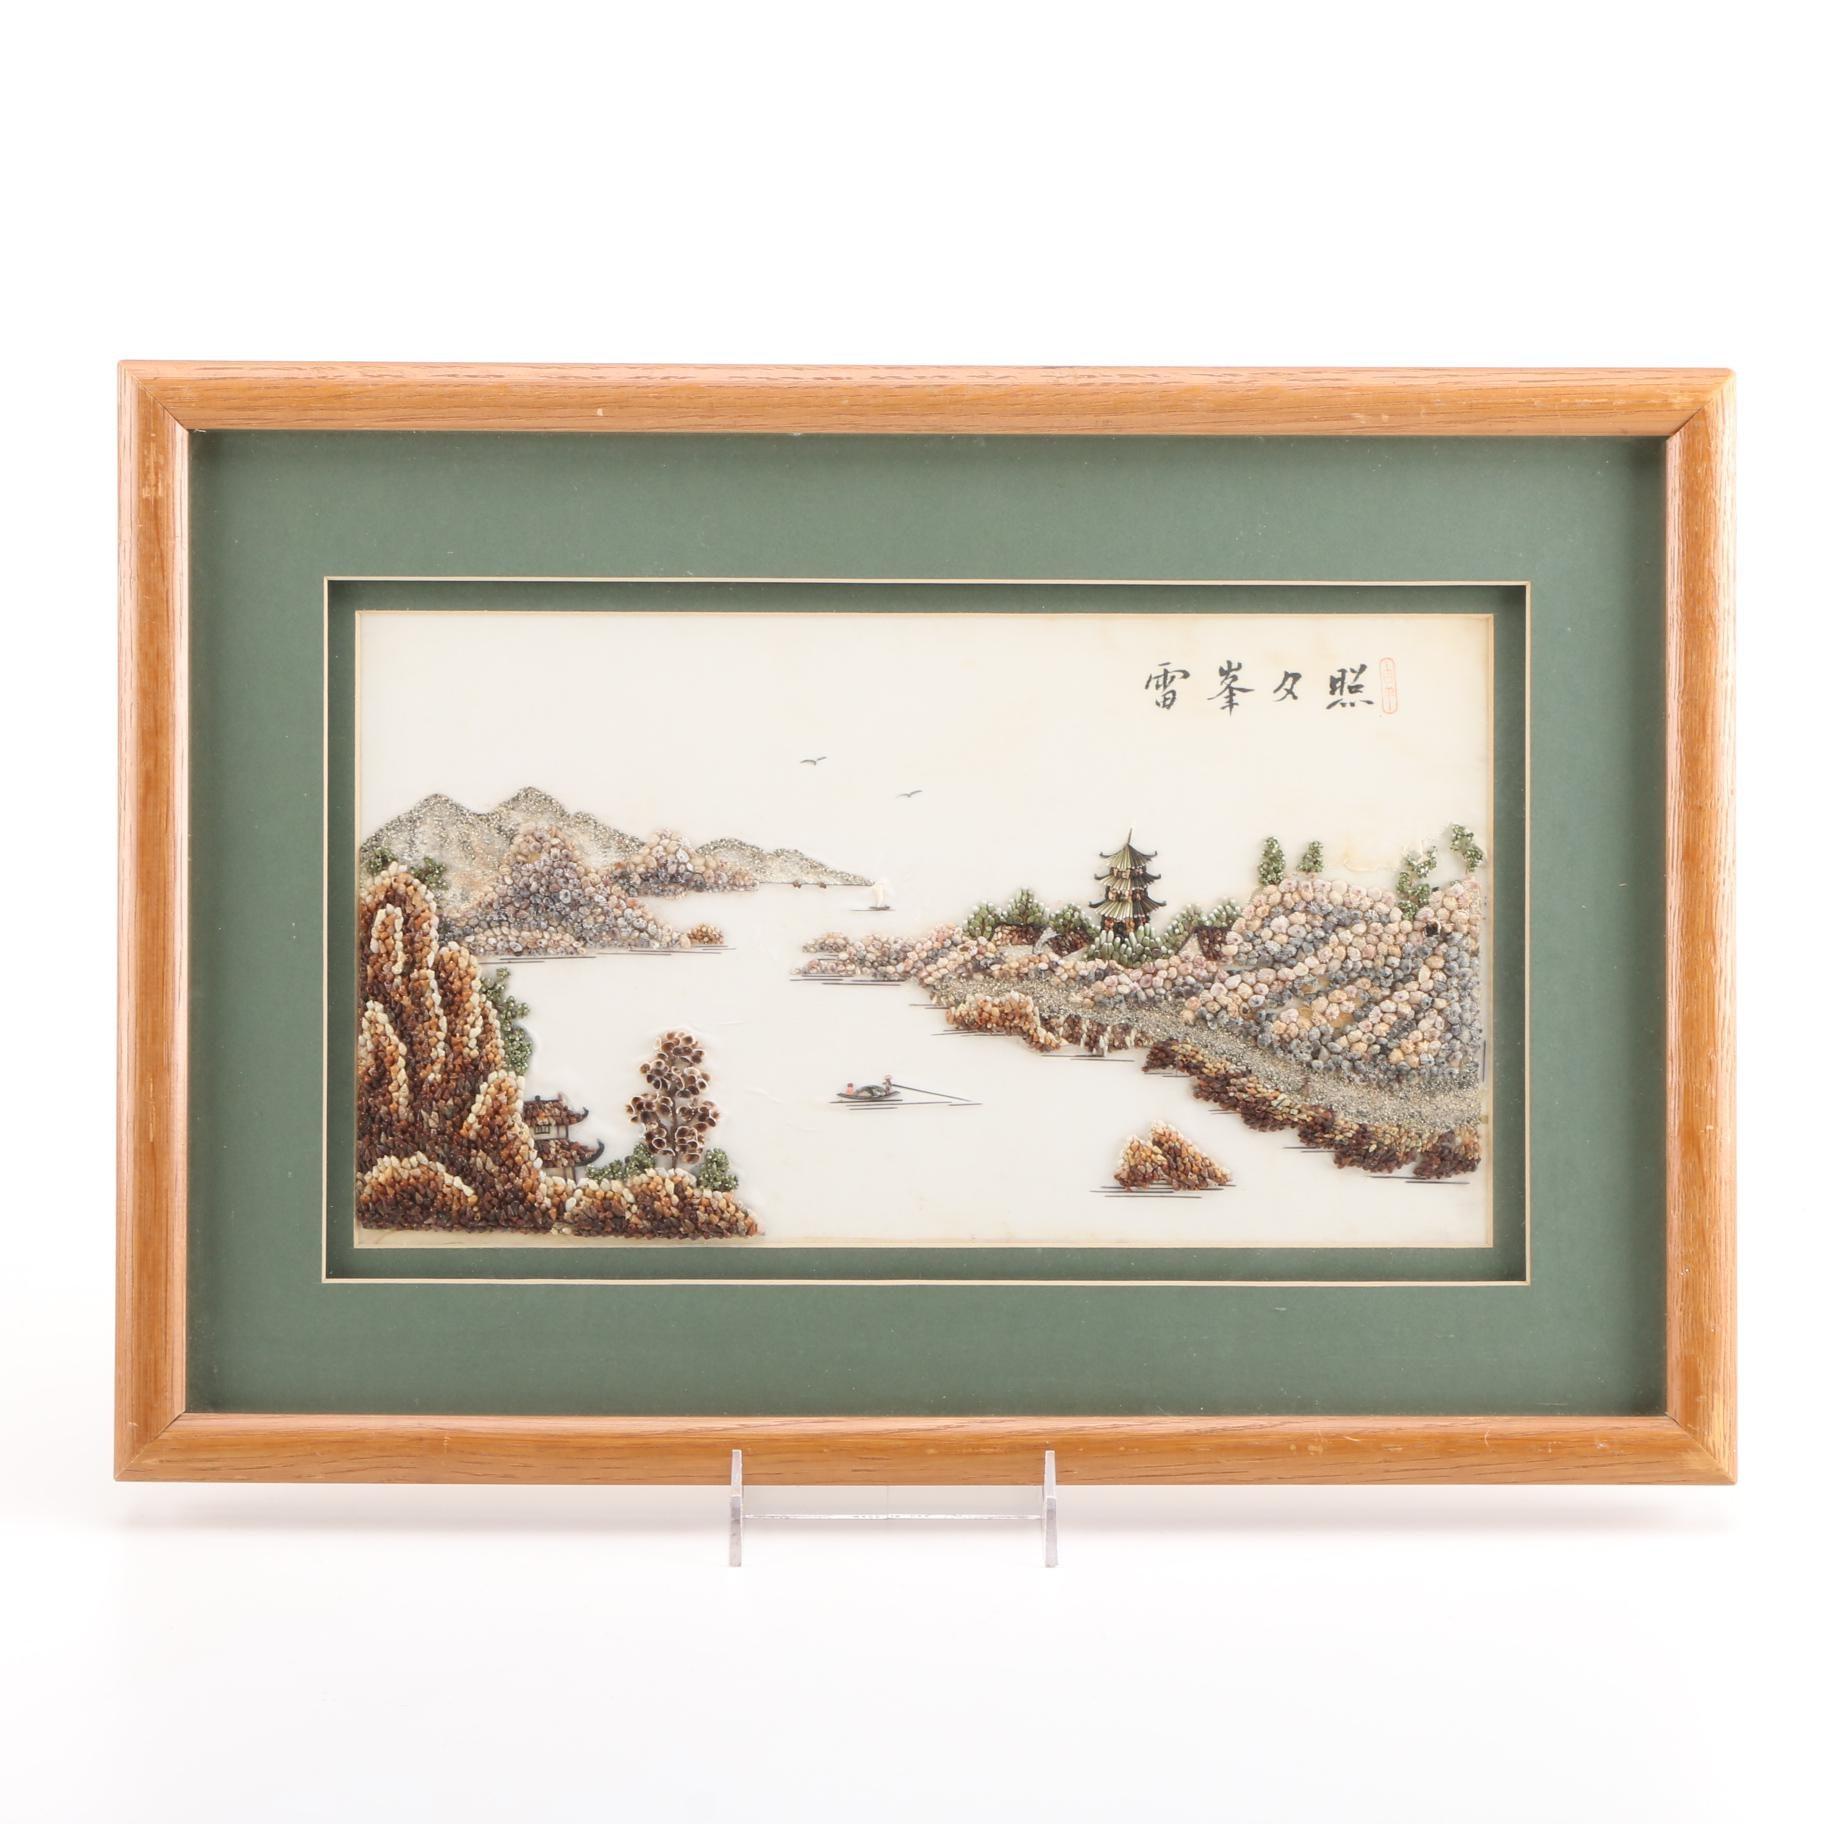 Japanese Inspired Mixed Media Shell Art of River Scene